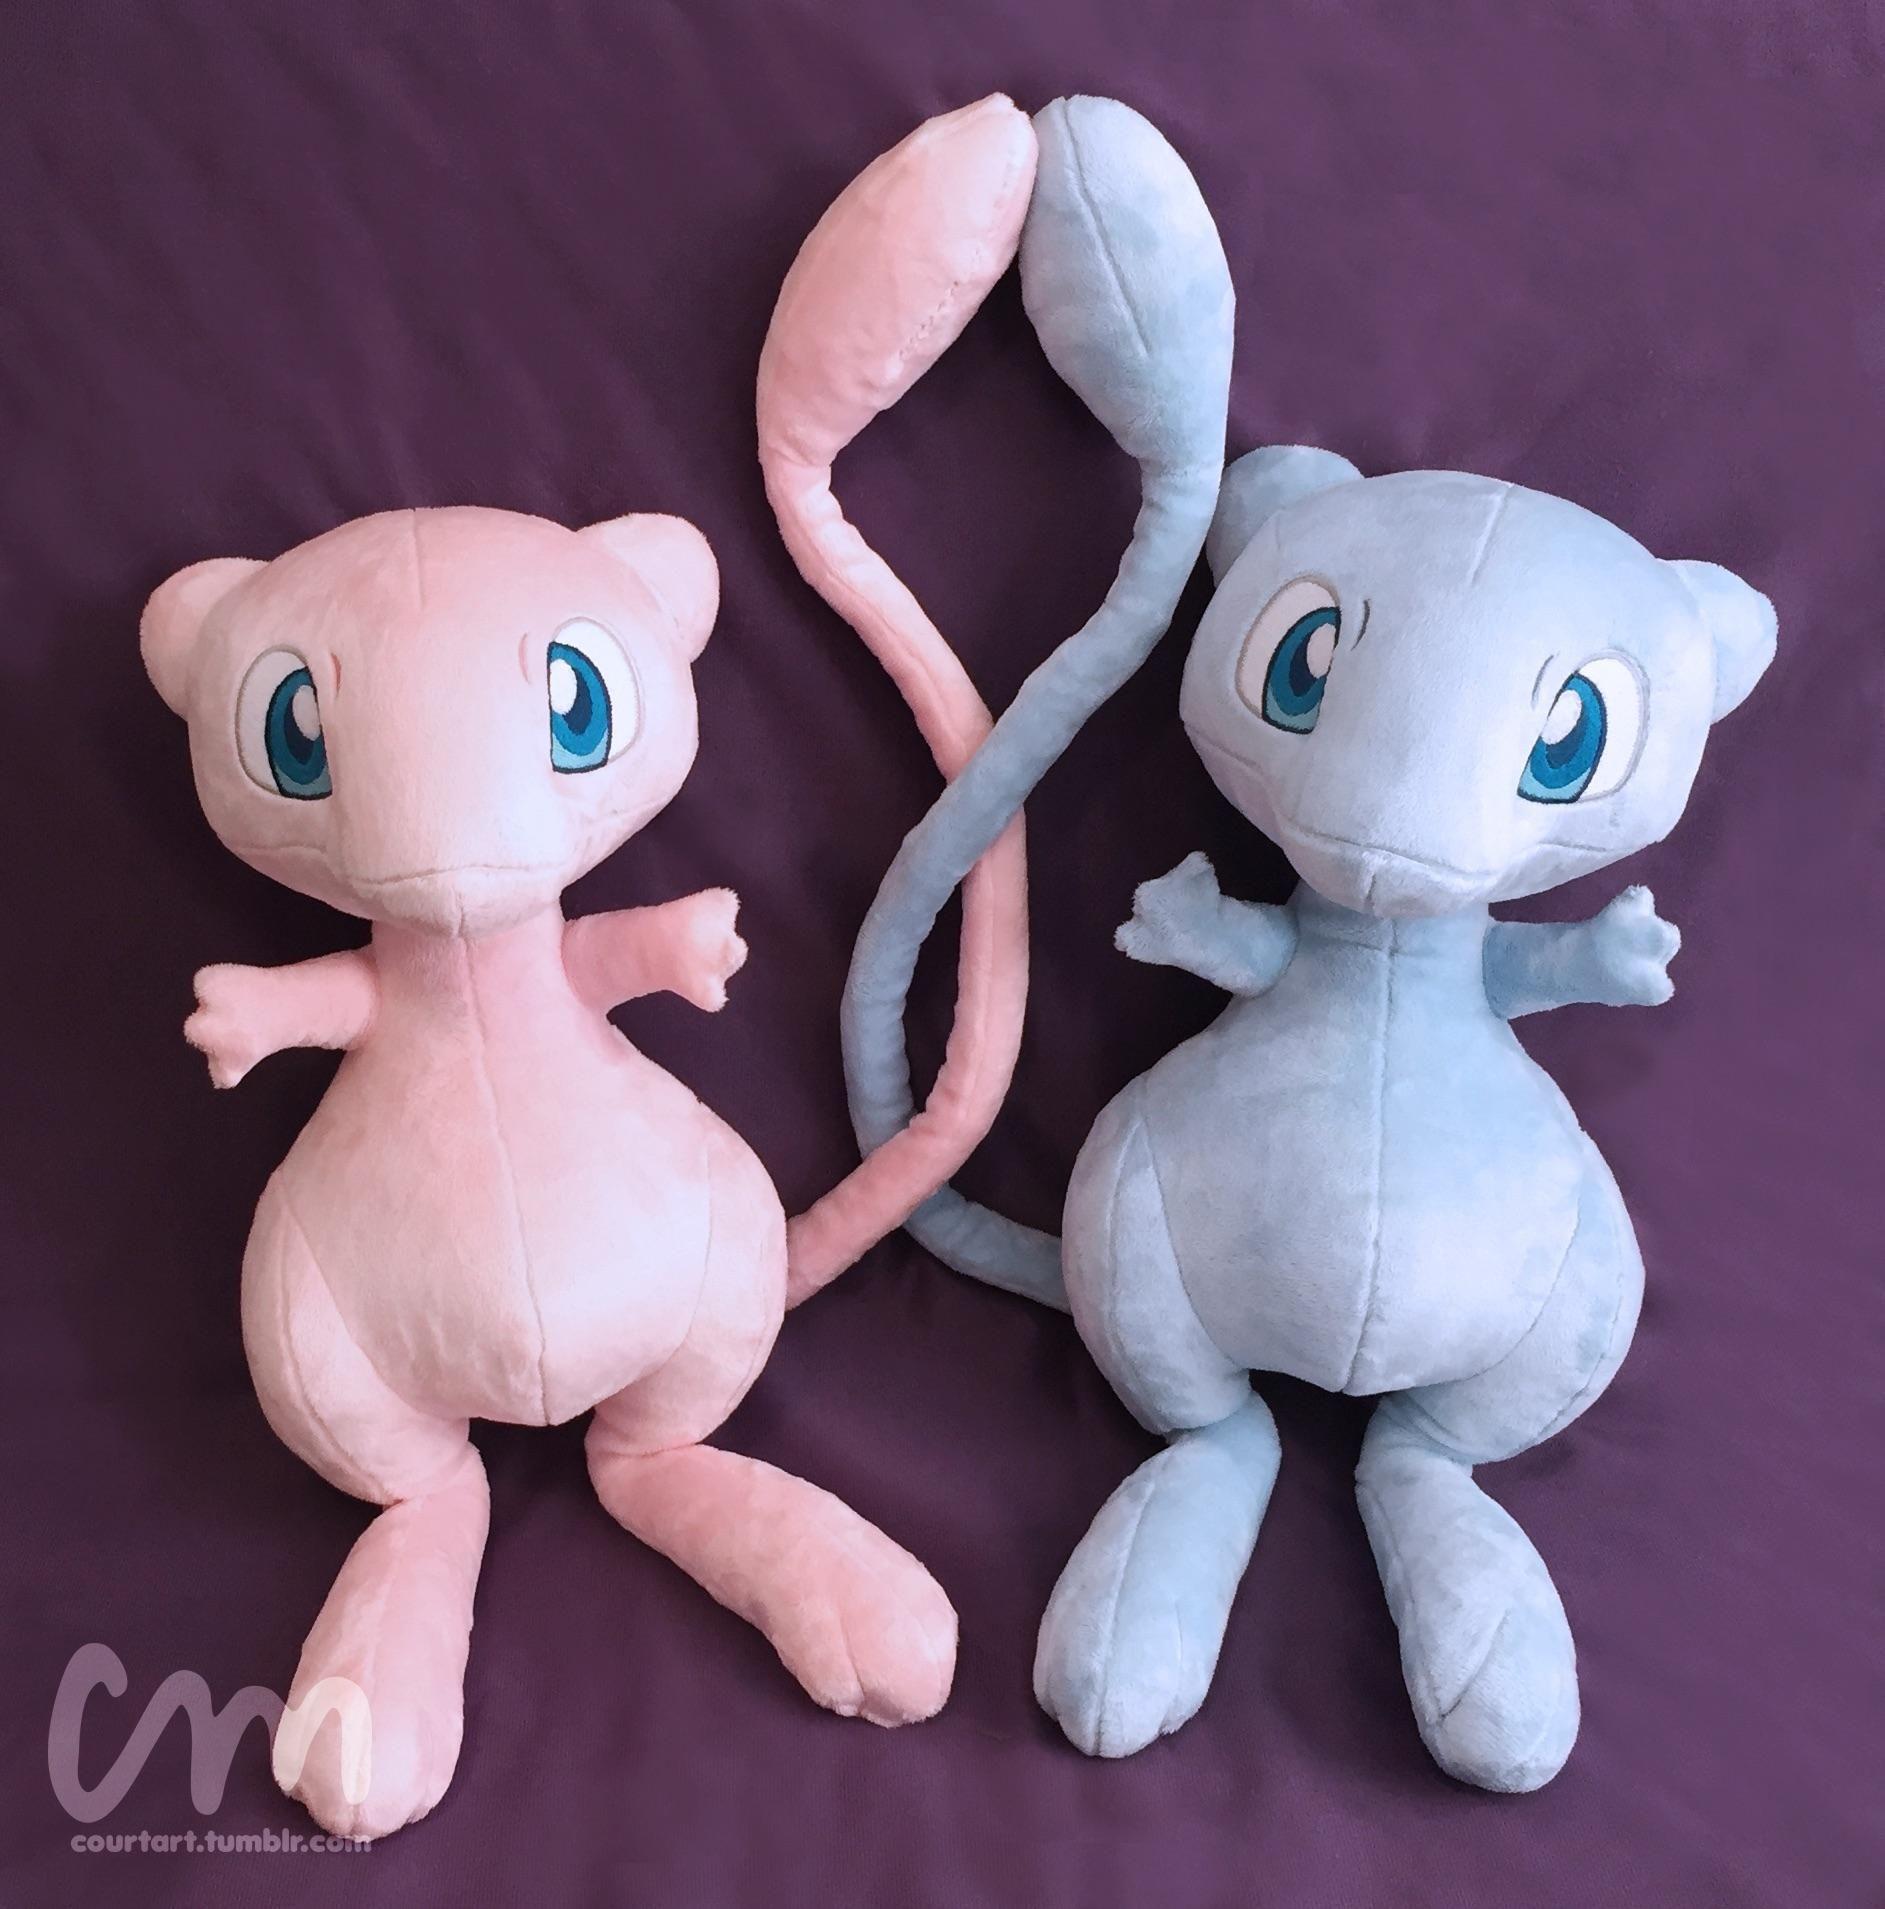 Custom Life Size Mew And Shiny Mew Plush With Posable Tails Mew Plush Pokemon Stuffed Animals Shiny Mew [ 1909 x 1885 Pixel ]